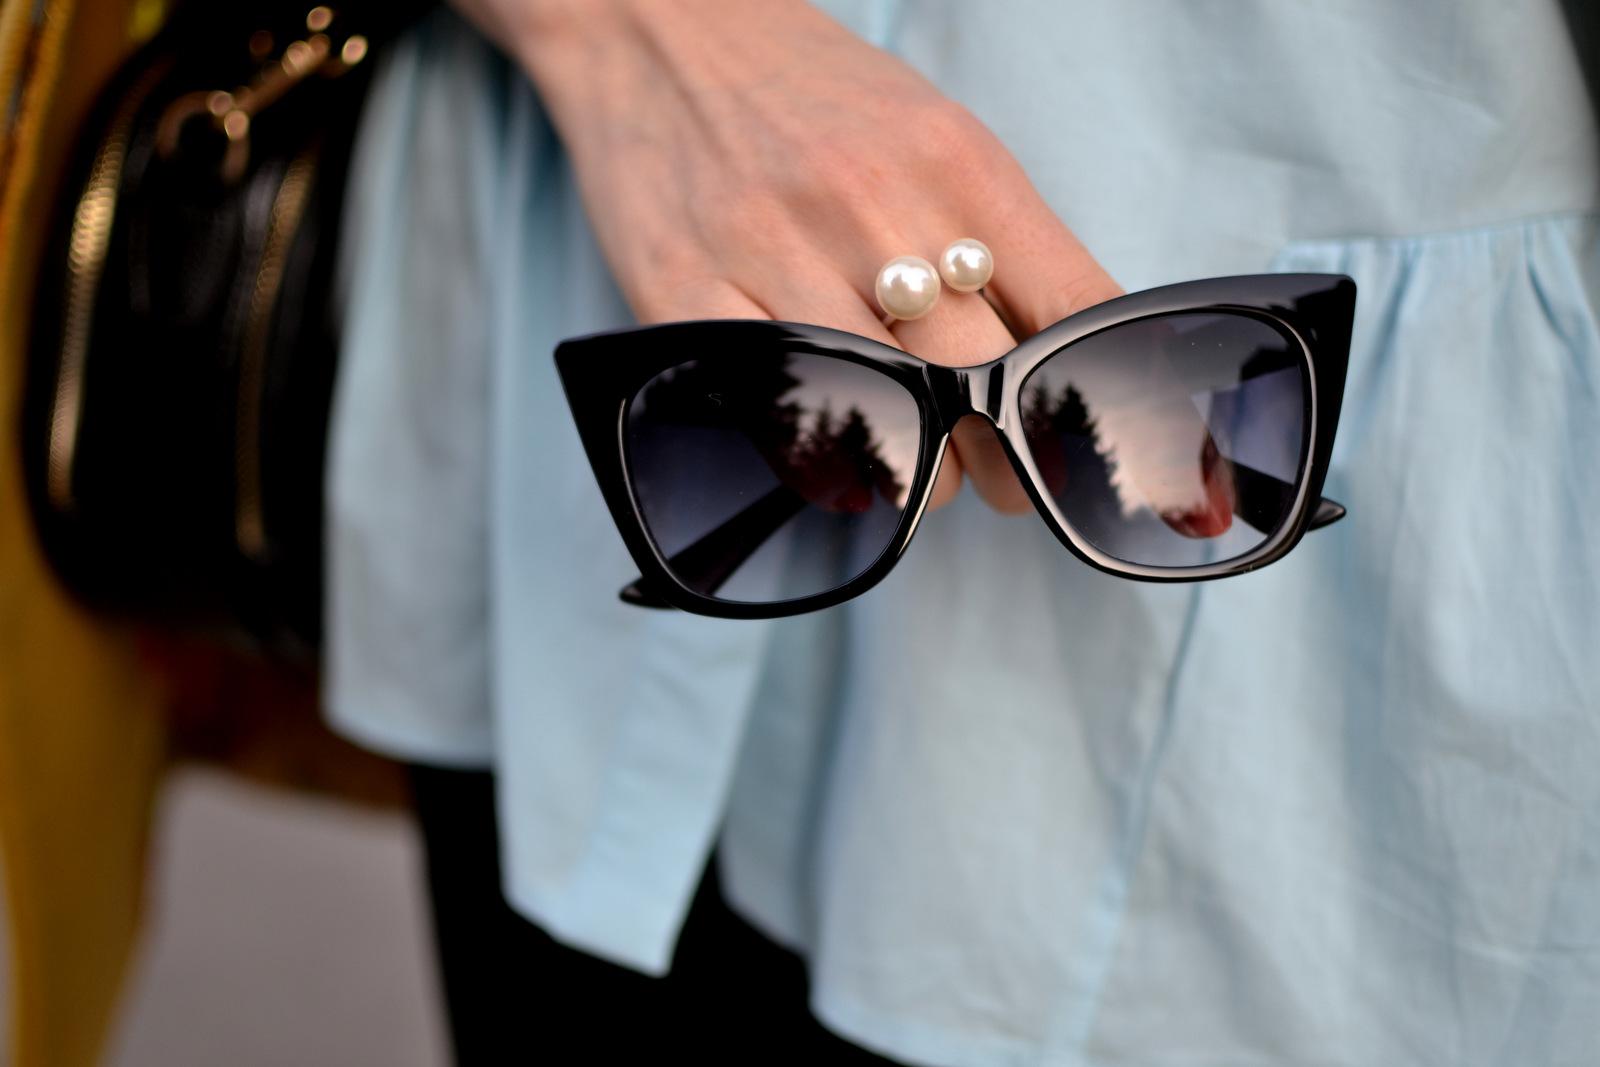 c4032fbde ... hnedé slnečné okuliare oriflame z tohto článku a čierne romwe slnečné  okuliare, ktoré ste videli v outfit príspevku. Môj favorit sú zatiaľ hnedé  z ...